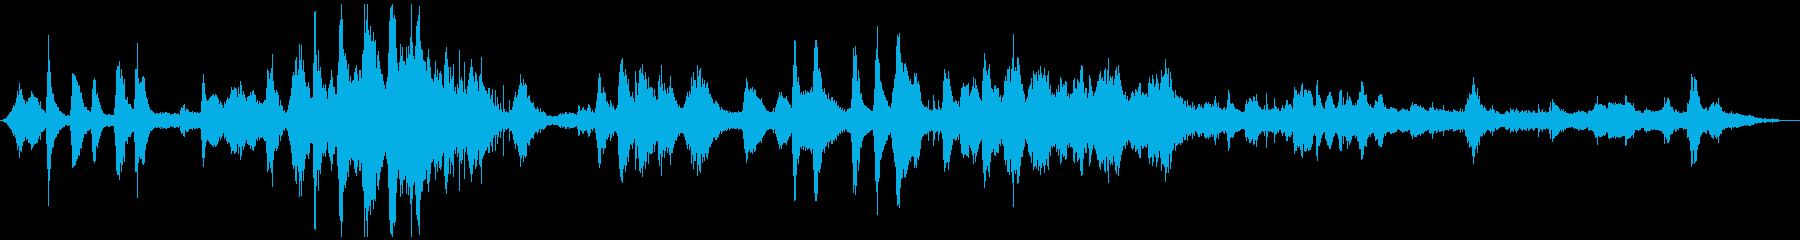 水泳レース、群衆の反応と口WH、ス...の再生済みの波形